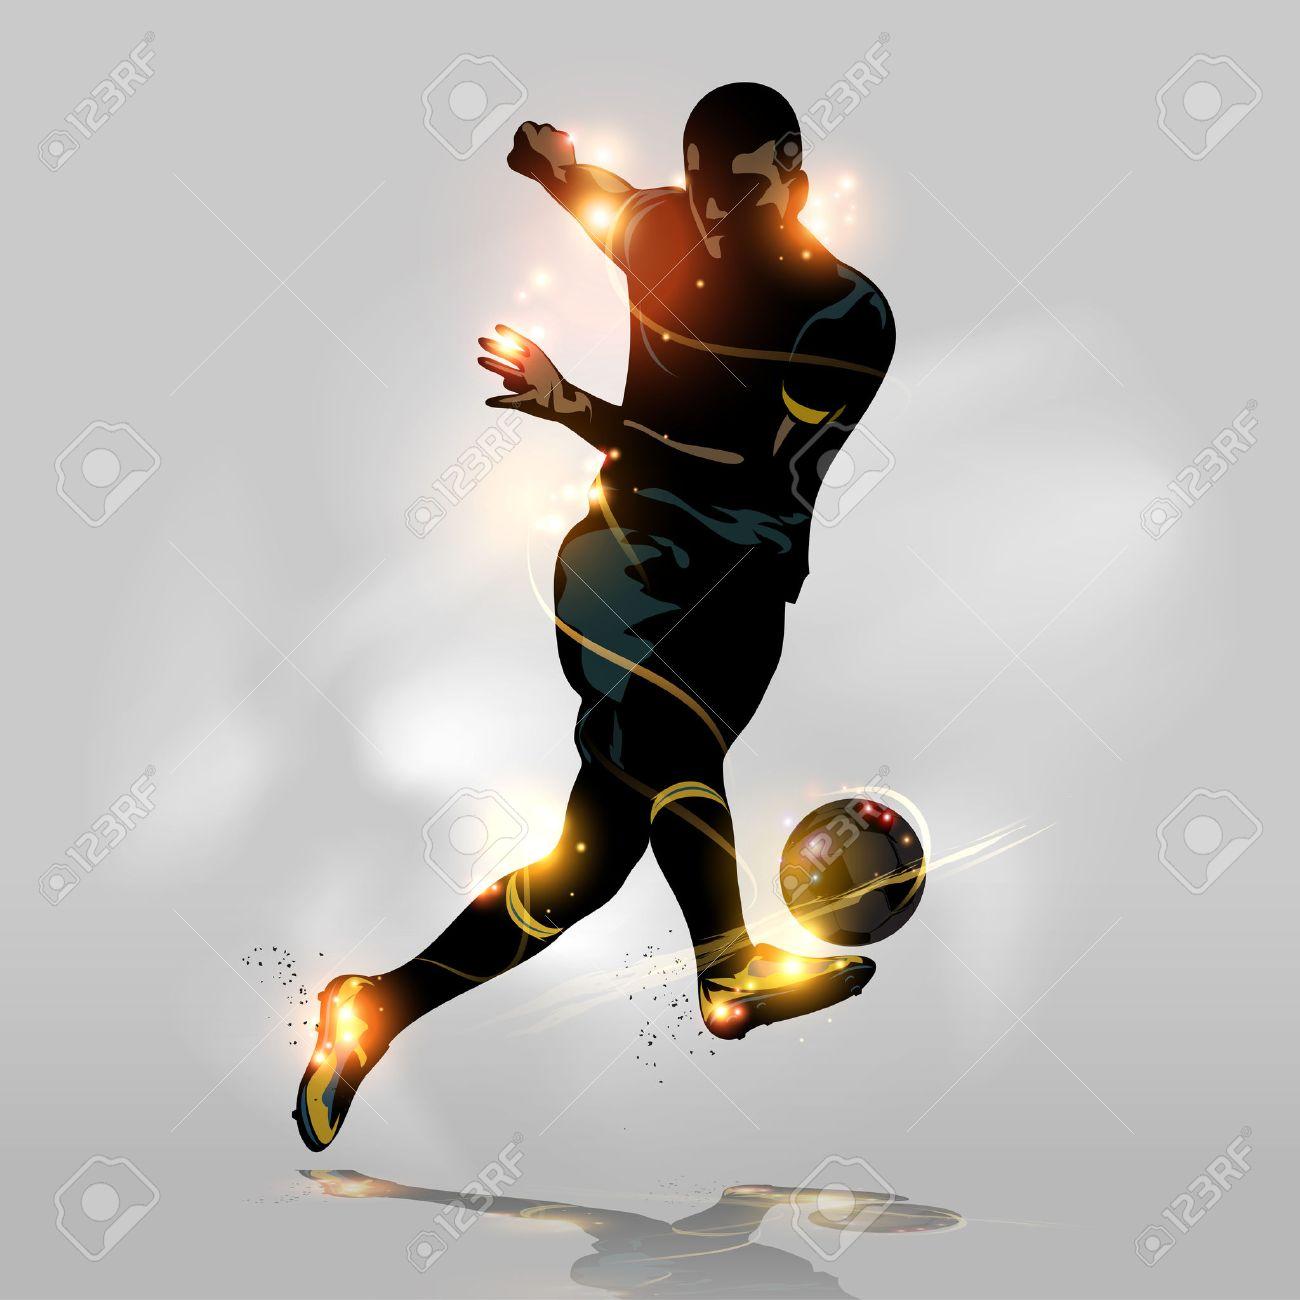 39819708-Giocatore-astratto-calcio-rapid